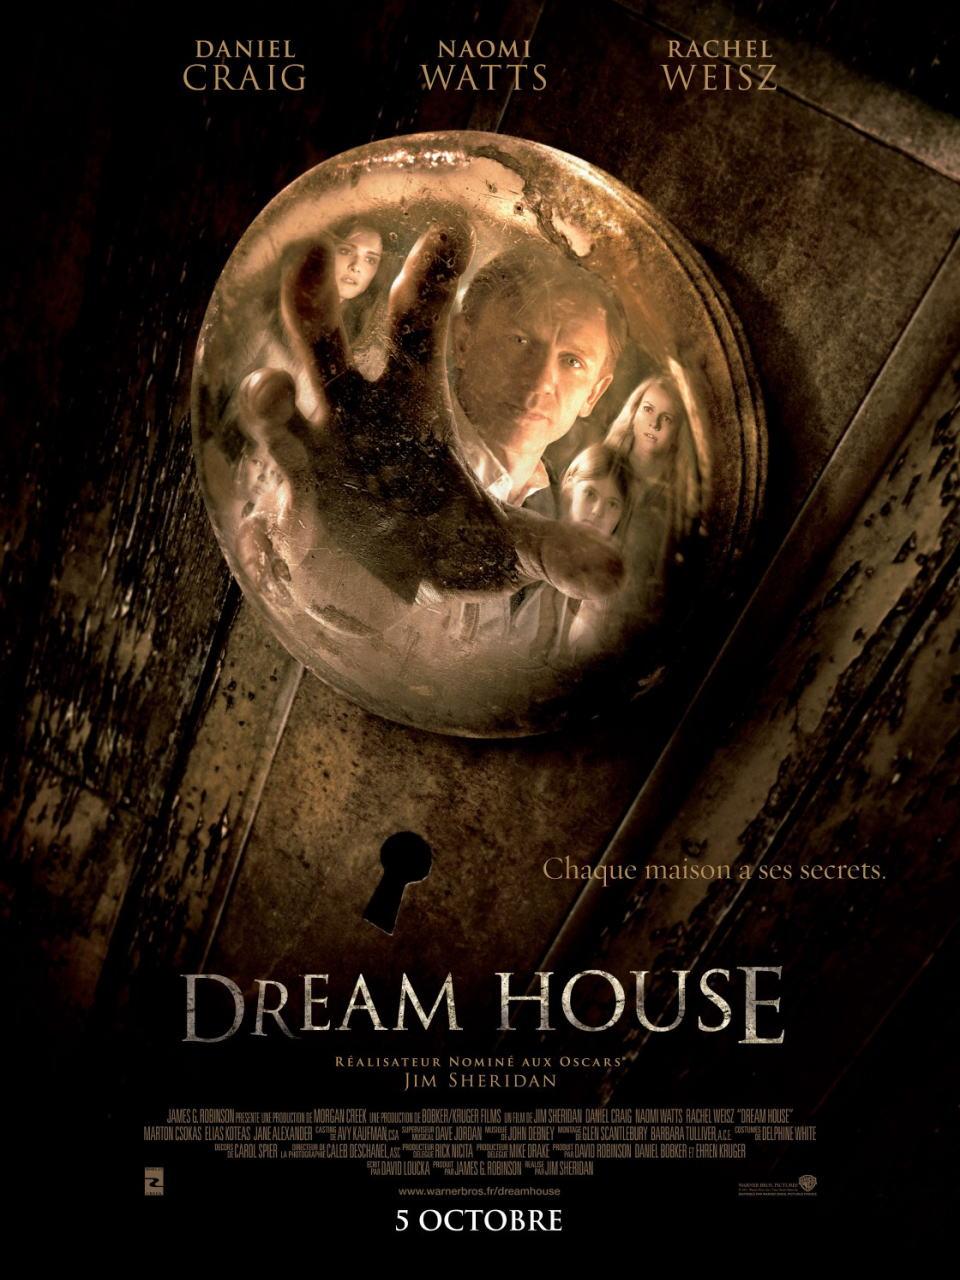 映画『ドリームハウス DREAM HOUSE』ポスター(2)▼ポスター画像クリックで拡大します。